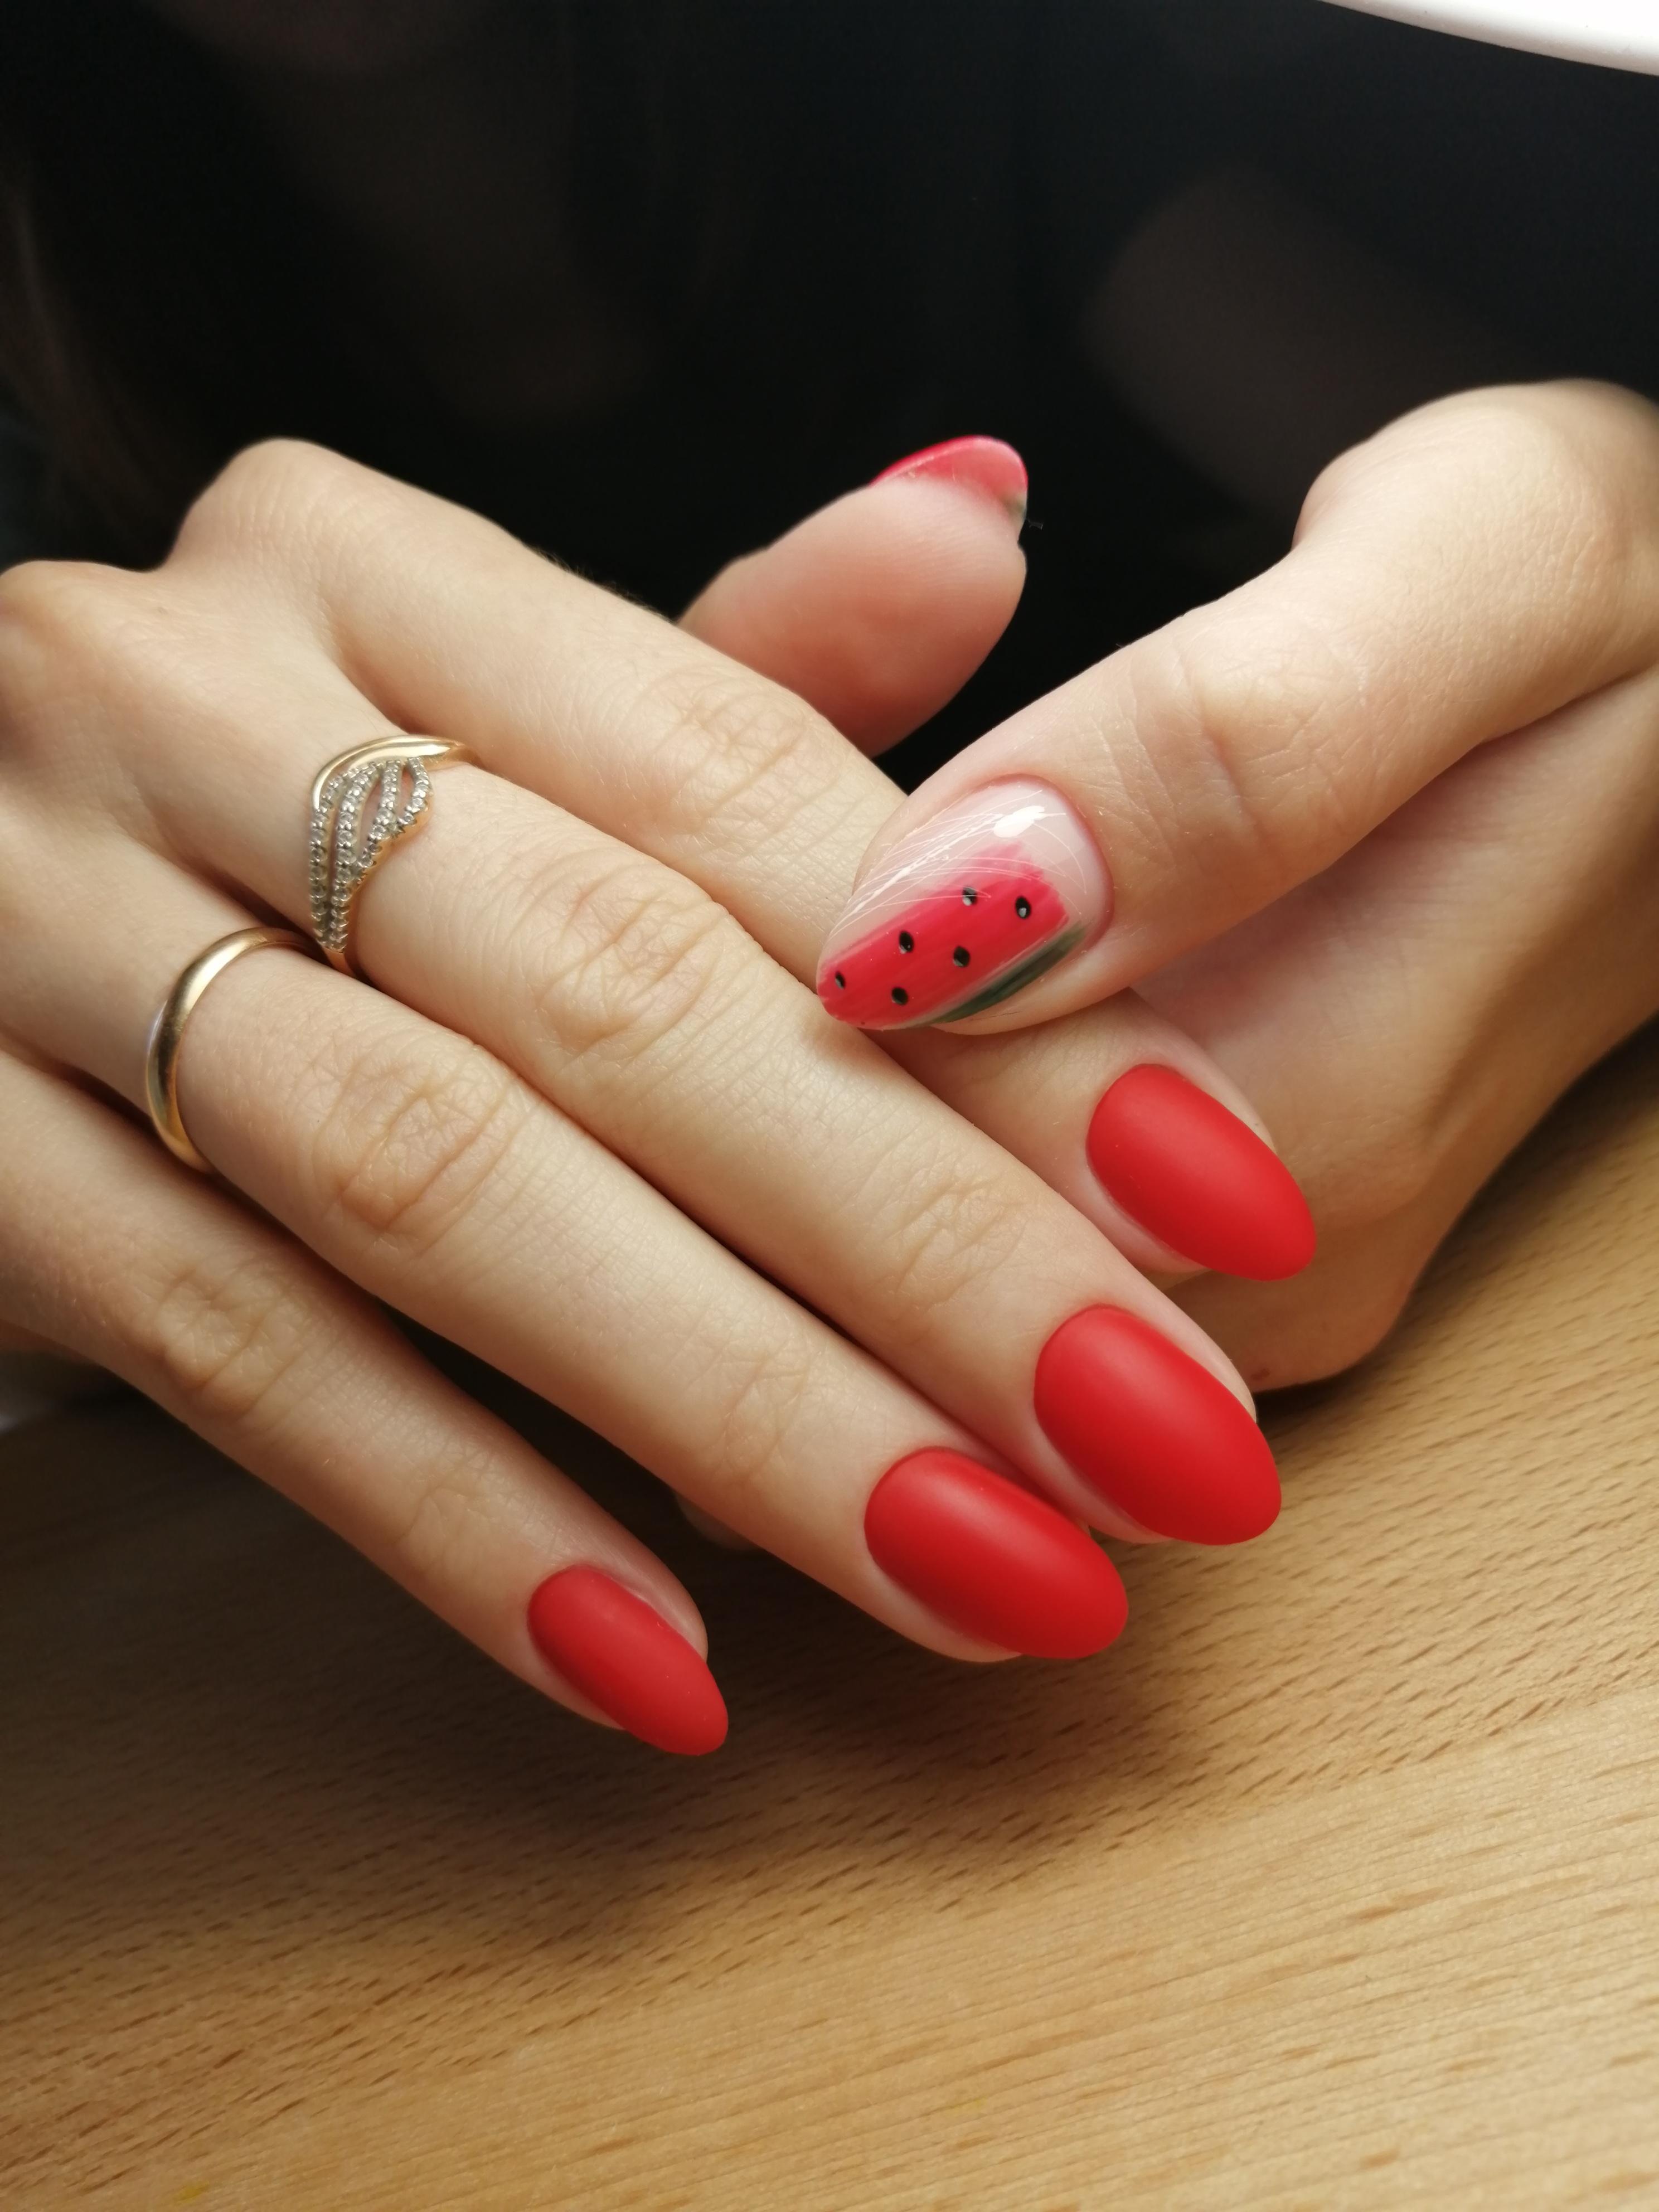 Матовый маникюр с арбузом в красном цвете.